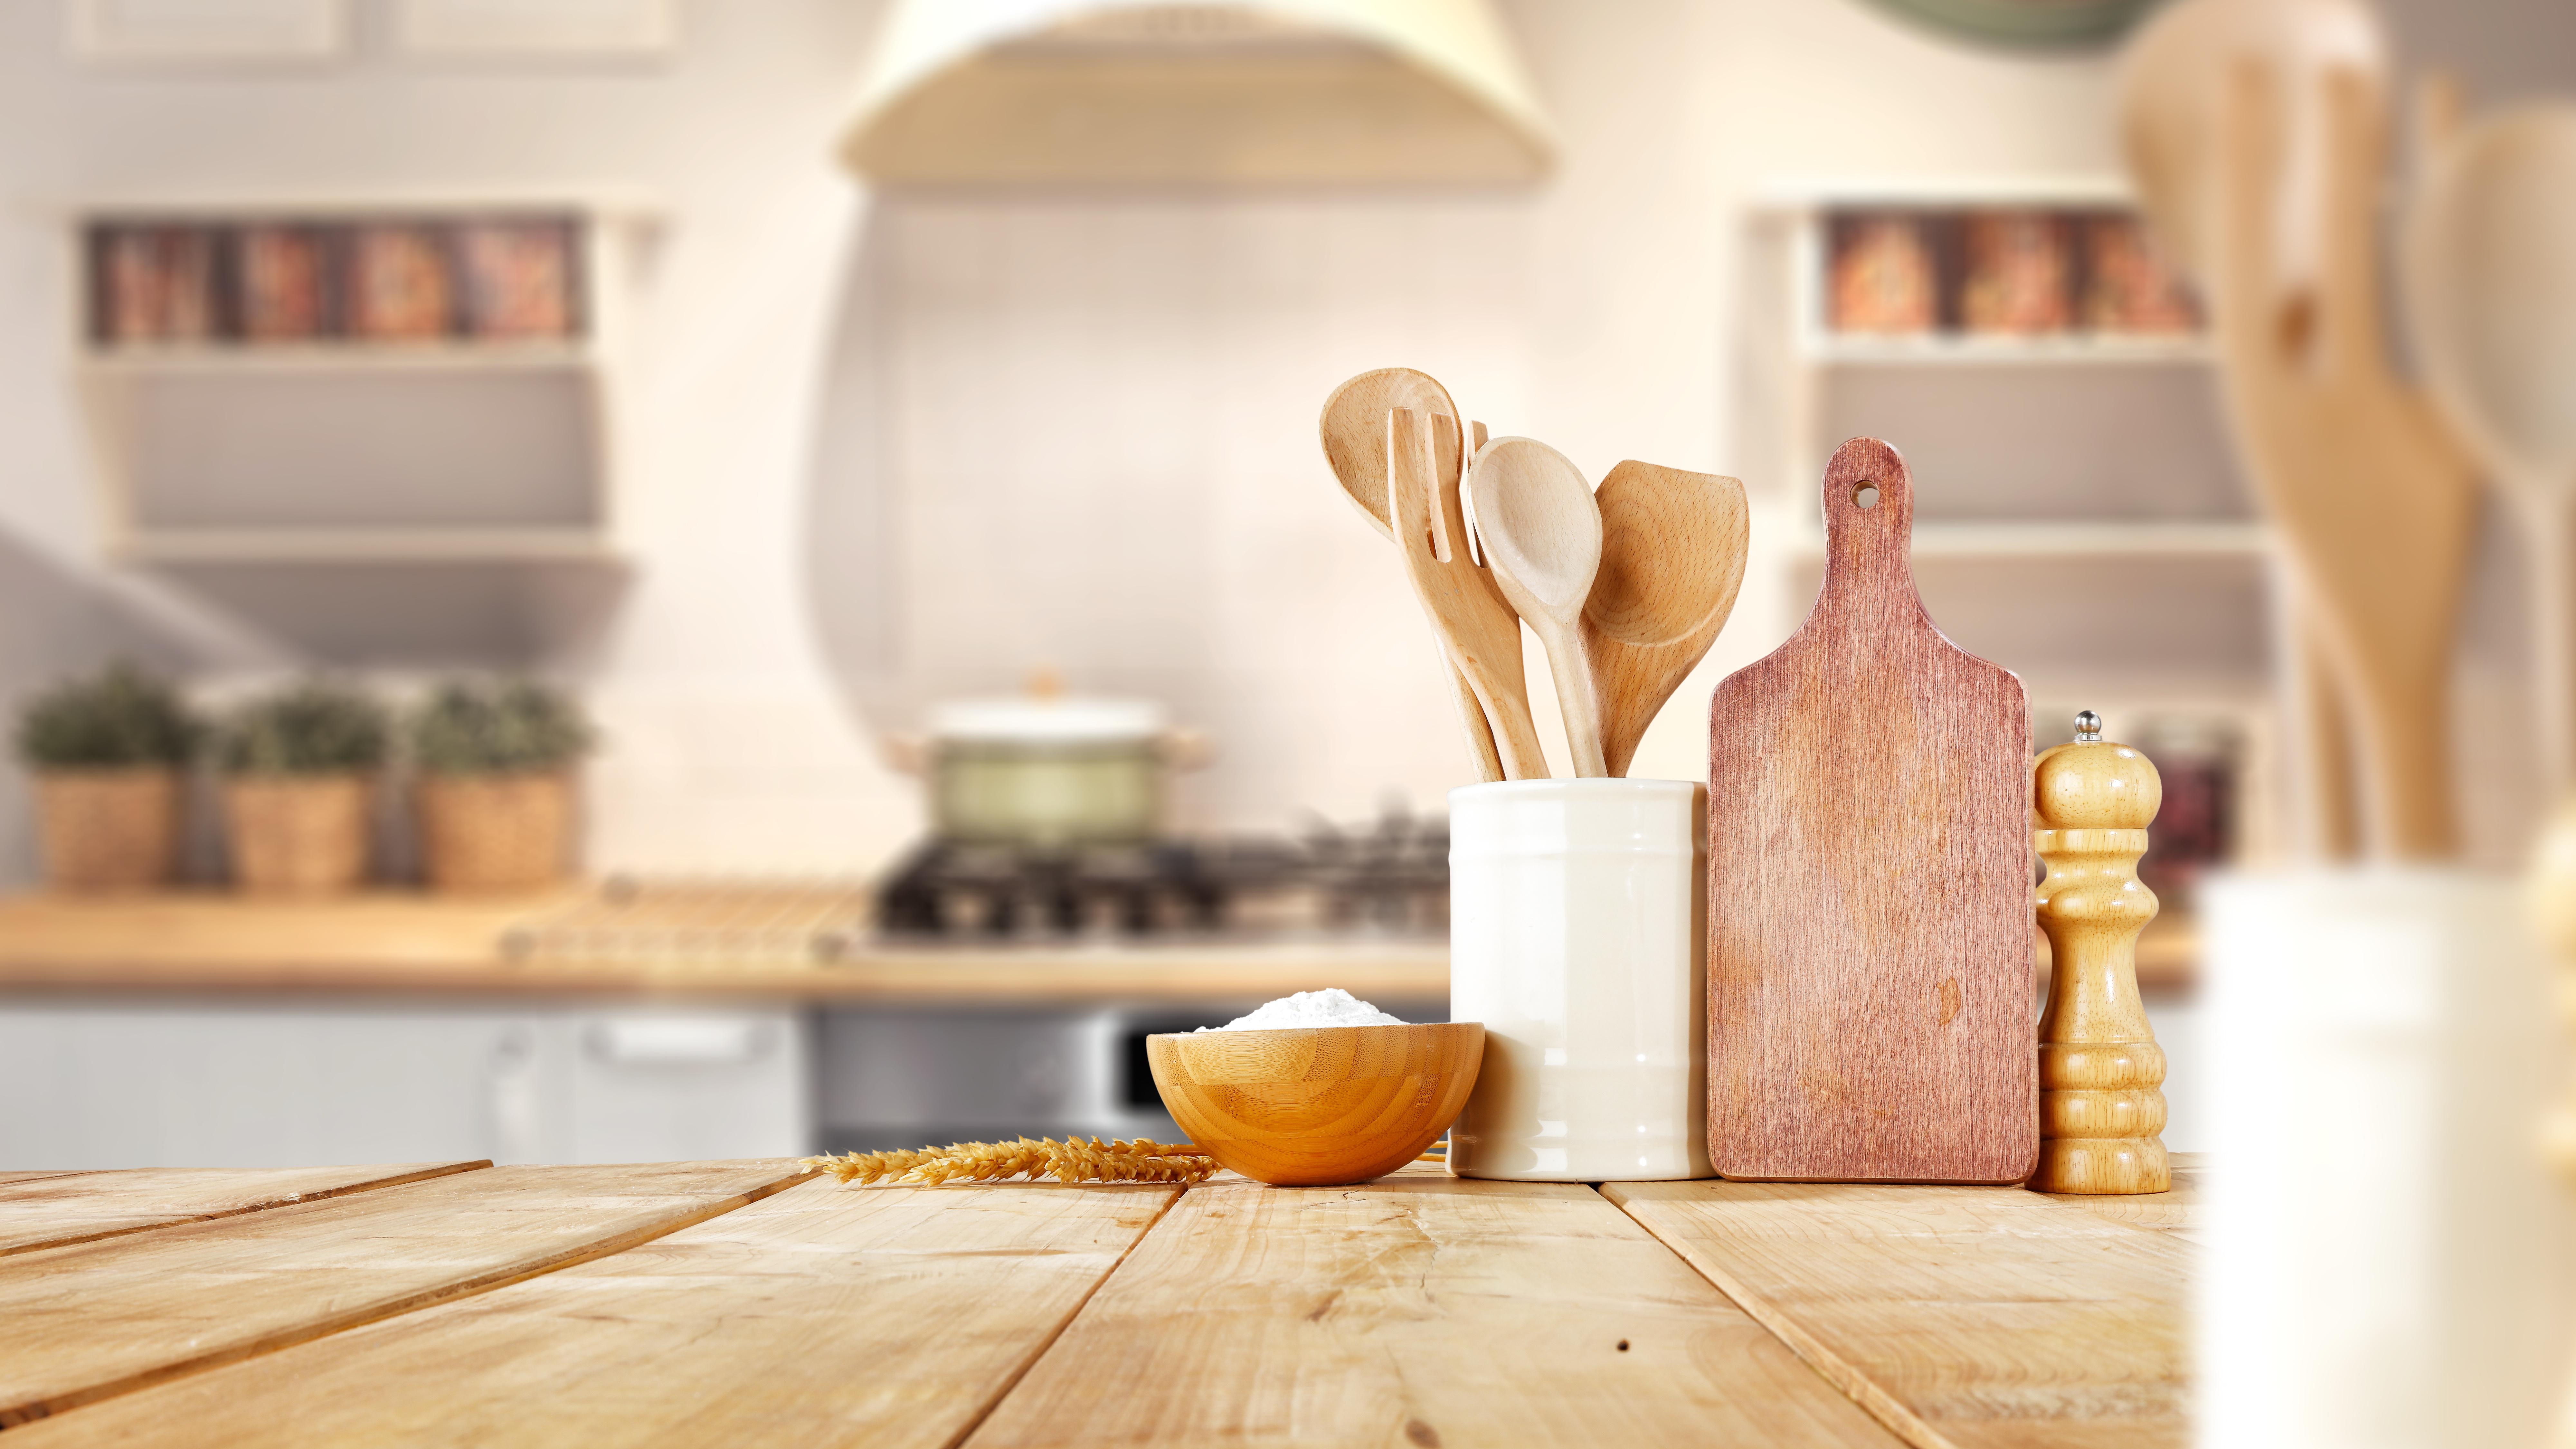 プロが教える 壁紙でキッチンをおしゃれにする方法 アクセントクロス